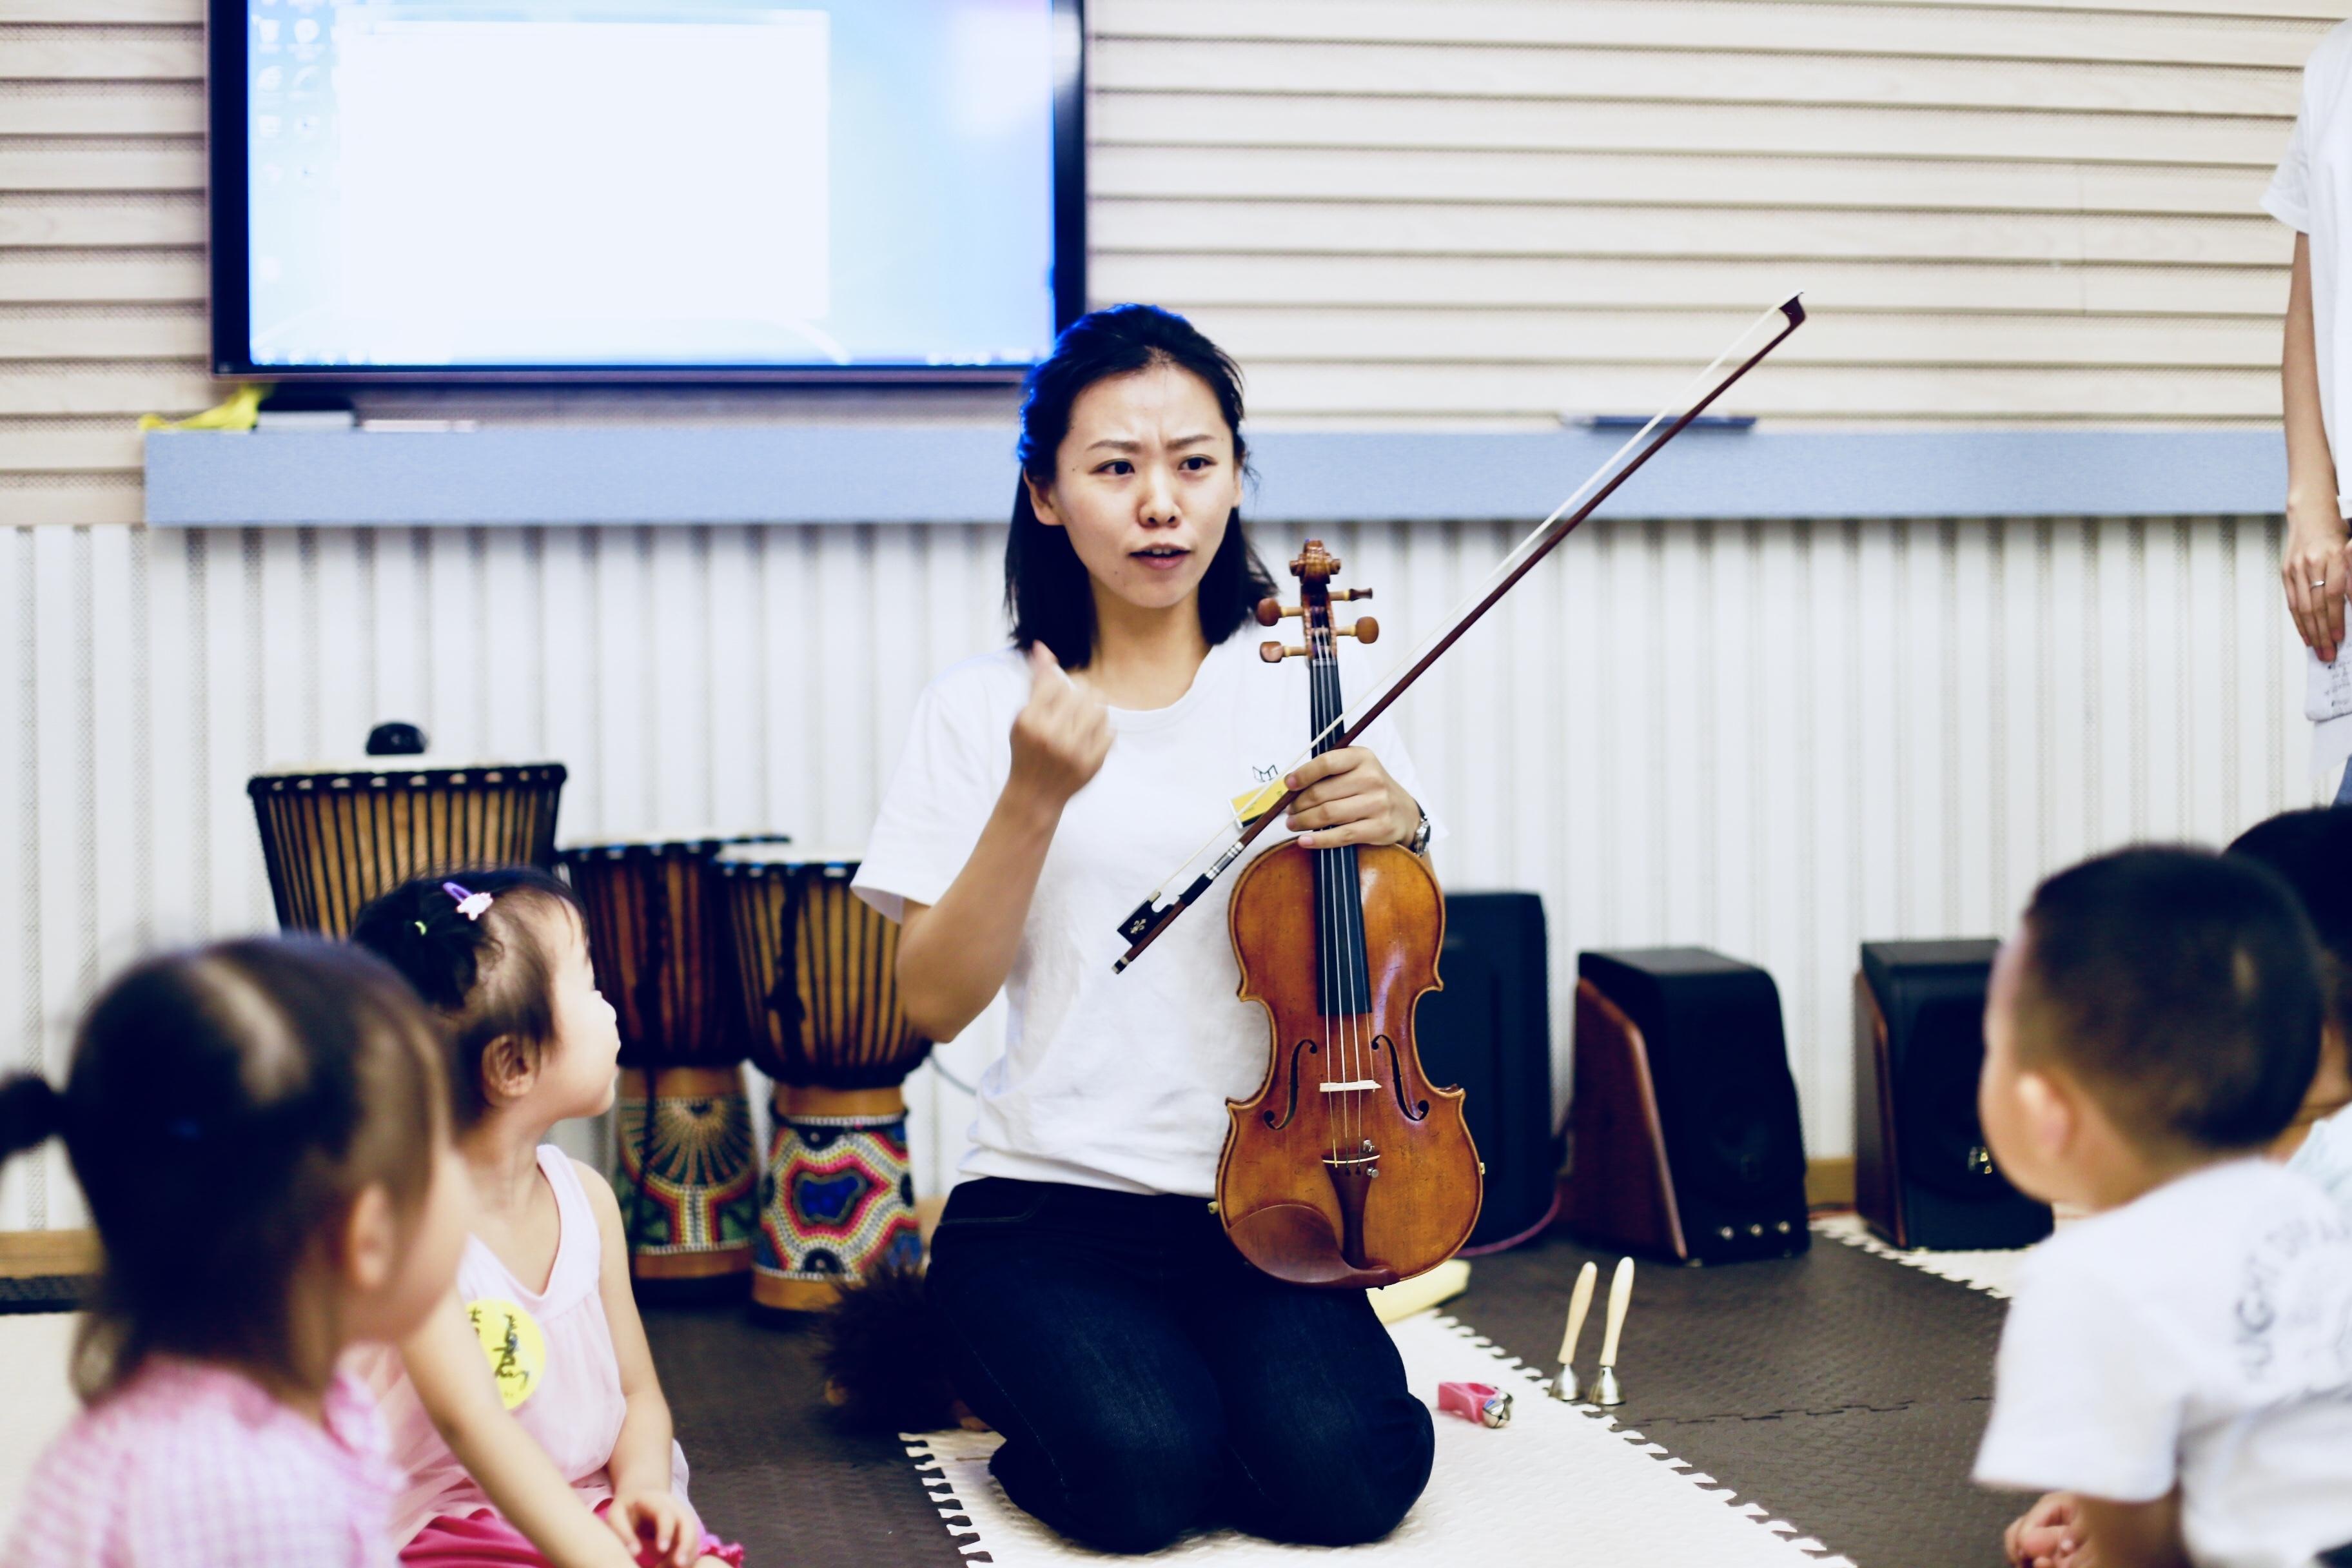 孩子学什么乐器好,怎样选择适合自己孩子的乐器